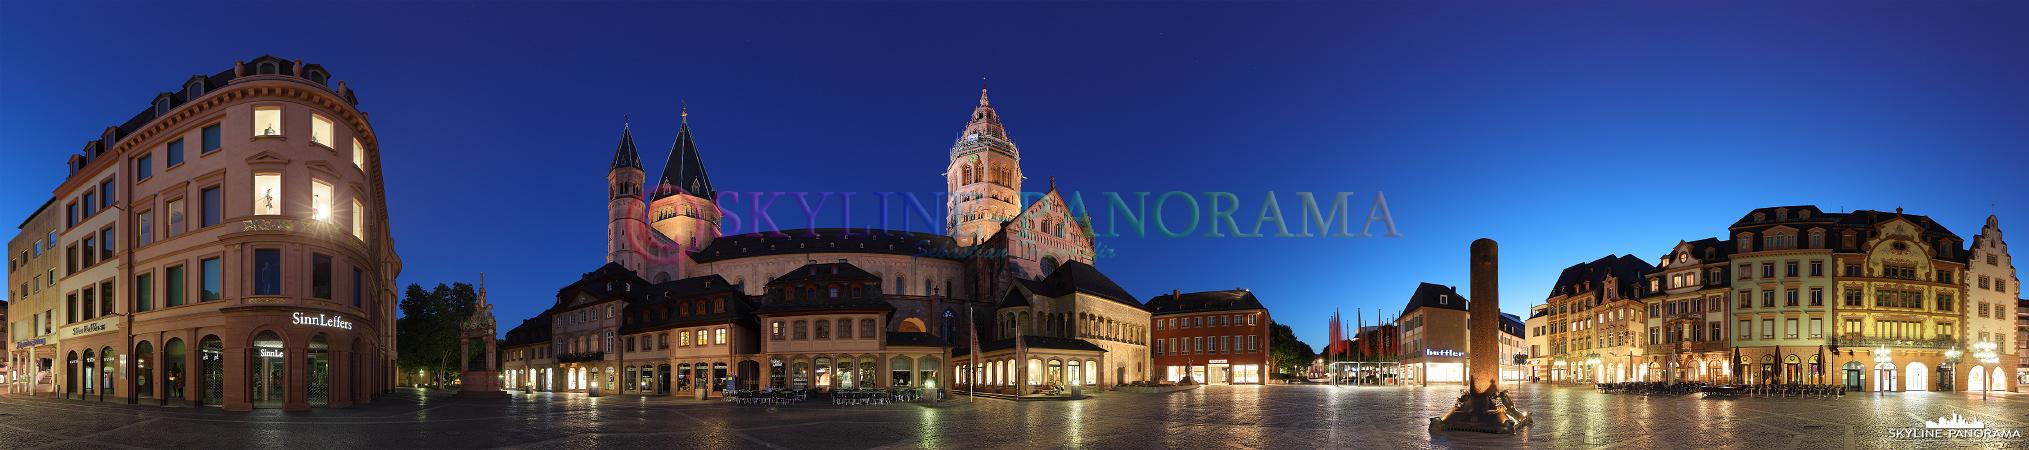 Der Markt von Mainz mit dem bekanntesten Gebäude am Platz, dem Mainzer Dom - nicht weniger bekannt und ebenfalls auf dem Panorama zu finden sind der Marktbrunnen, die Heunensäule und die mit wunderbar restaurierten Fassaden versehenen Markthäuser.